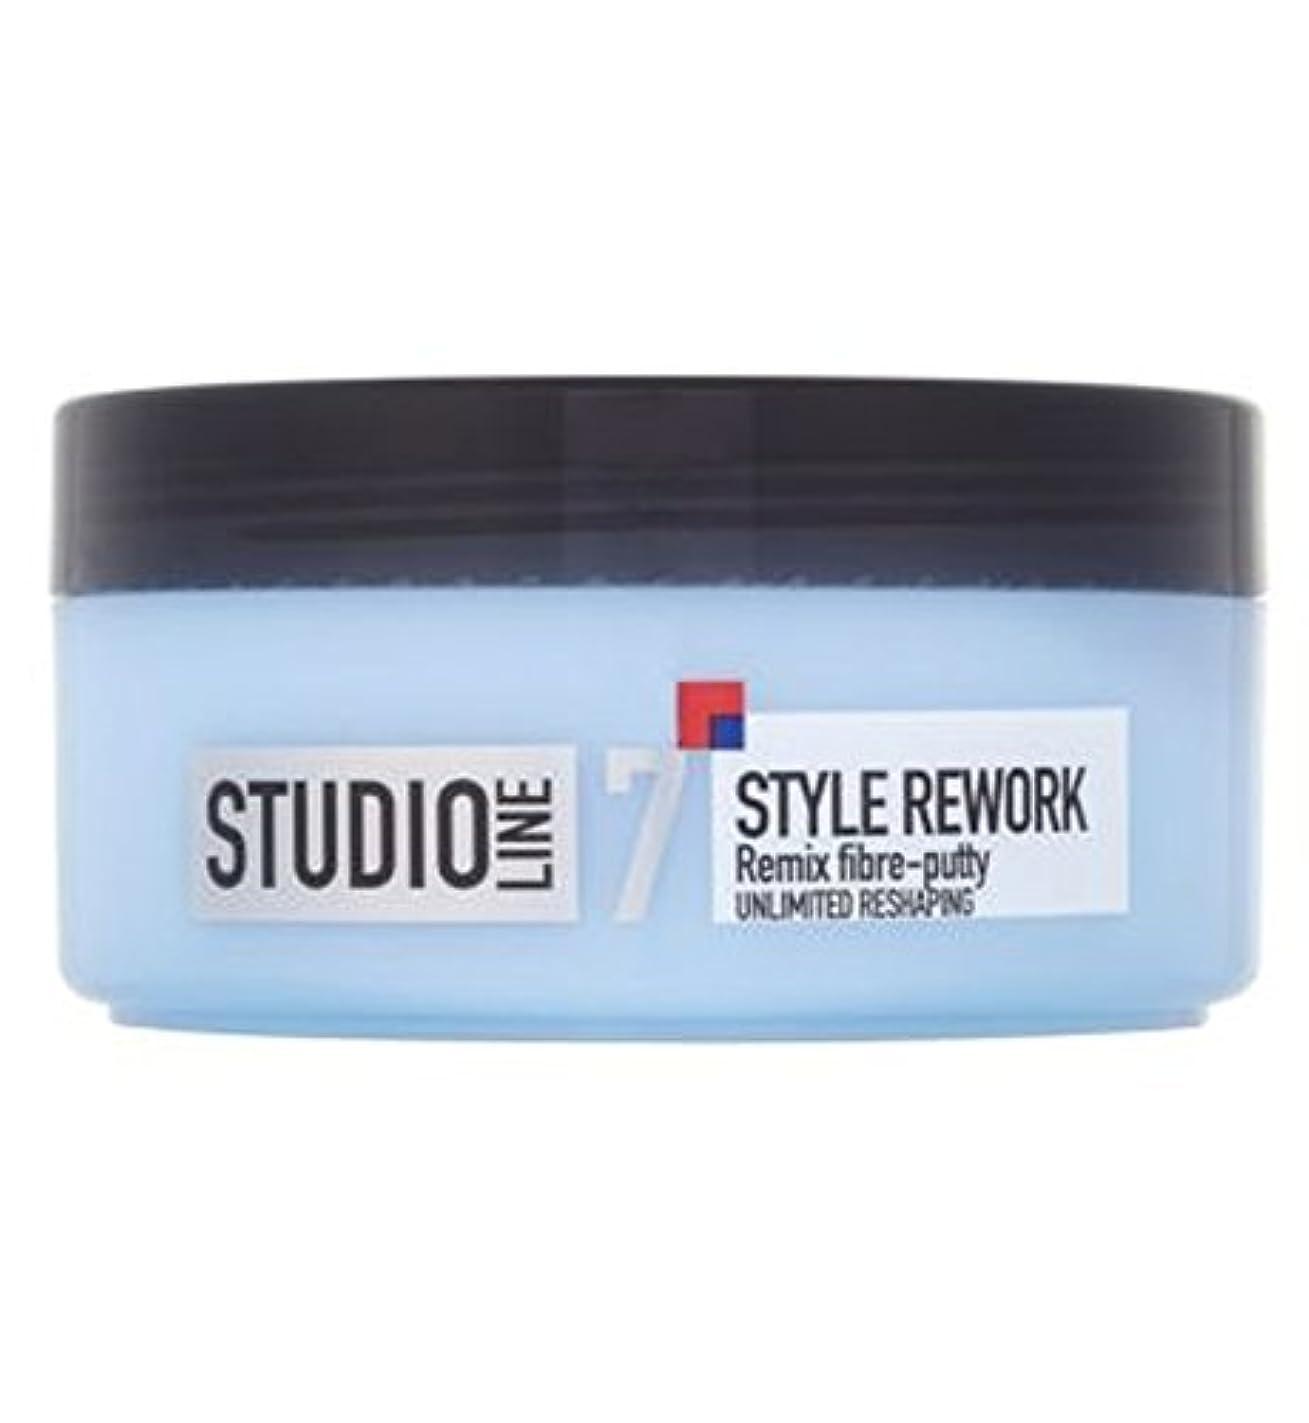 パイプラインマージンリテラシーL'Oreallスタジオラインスタイルリワークリミックス繊維パテ150ミリリットル (L'Oreal) (x2) - L'Oreall Studio Line Style Rework Remix Fibre-Putty...